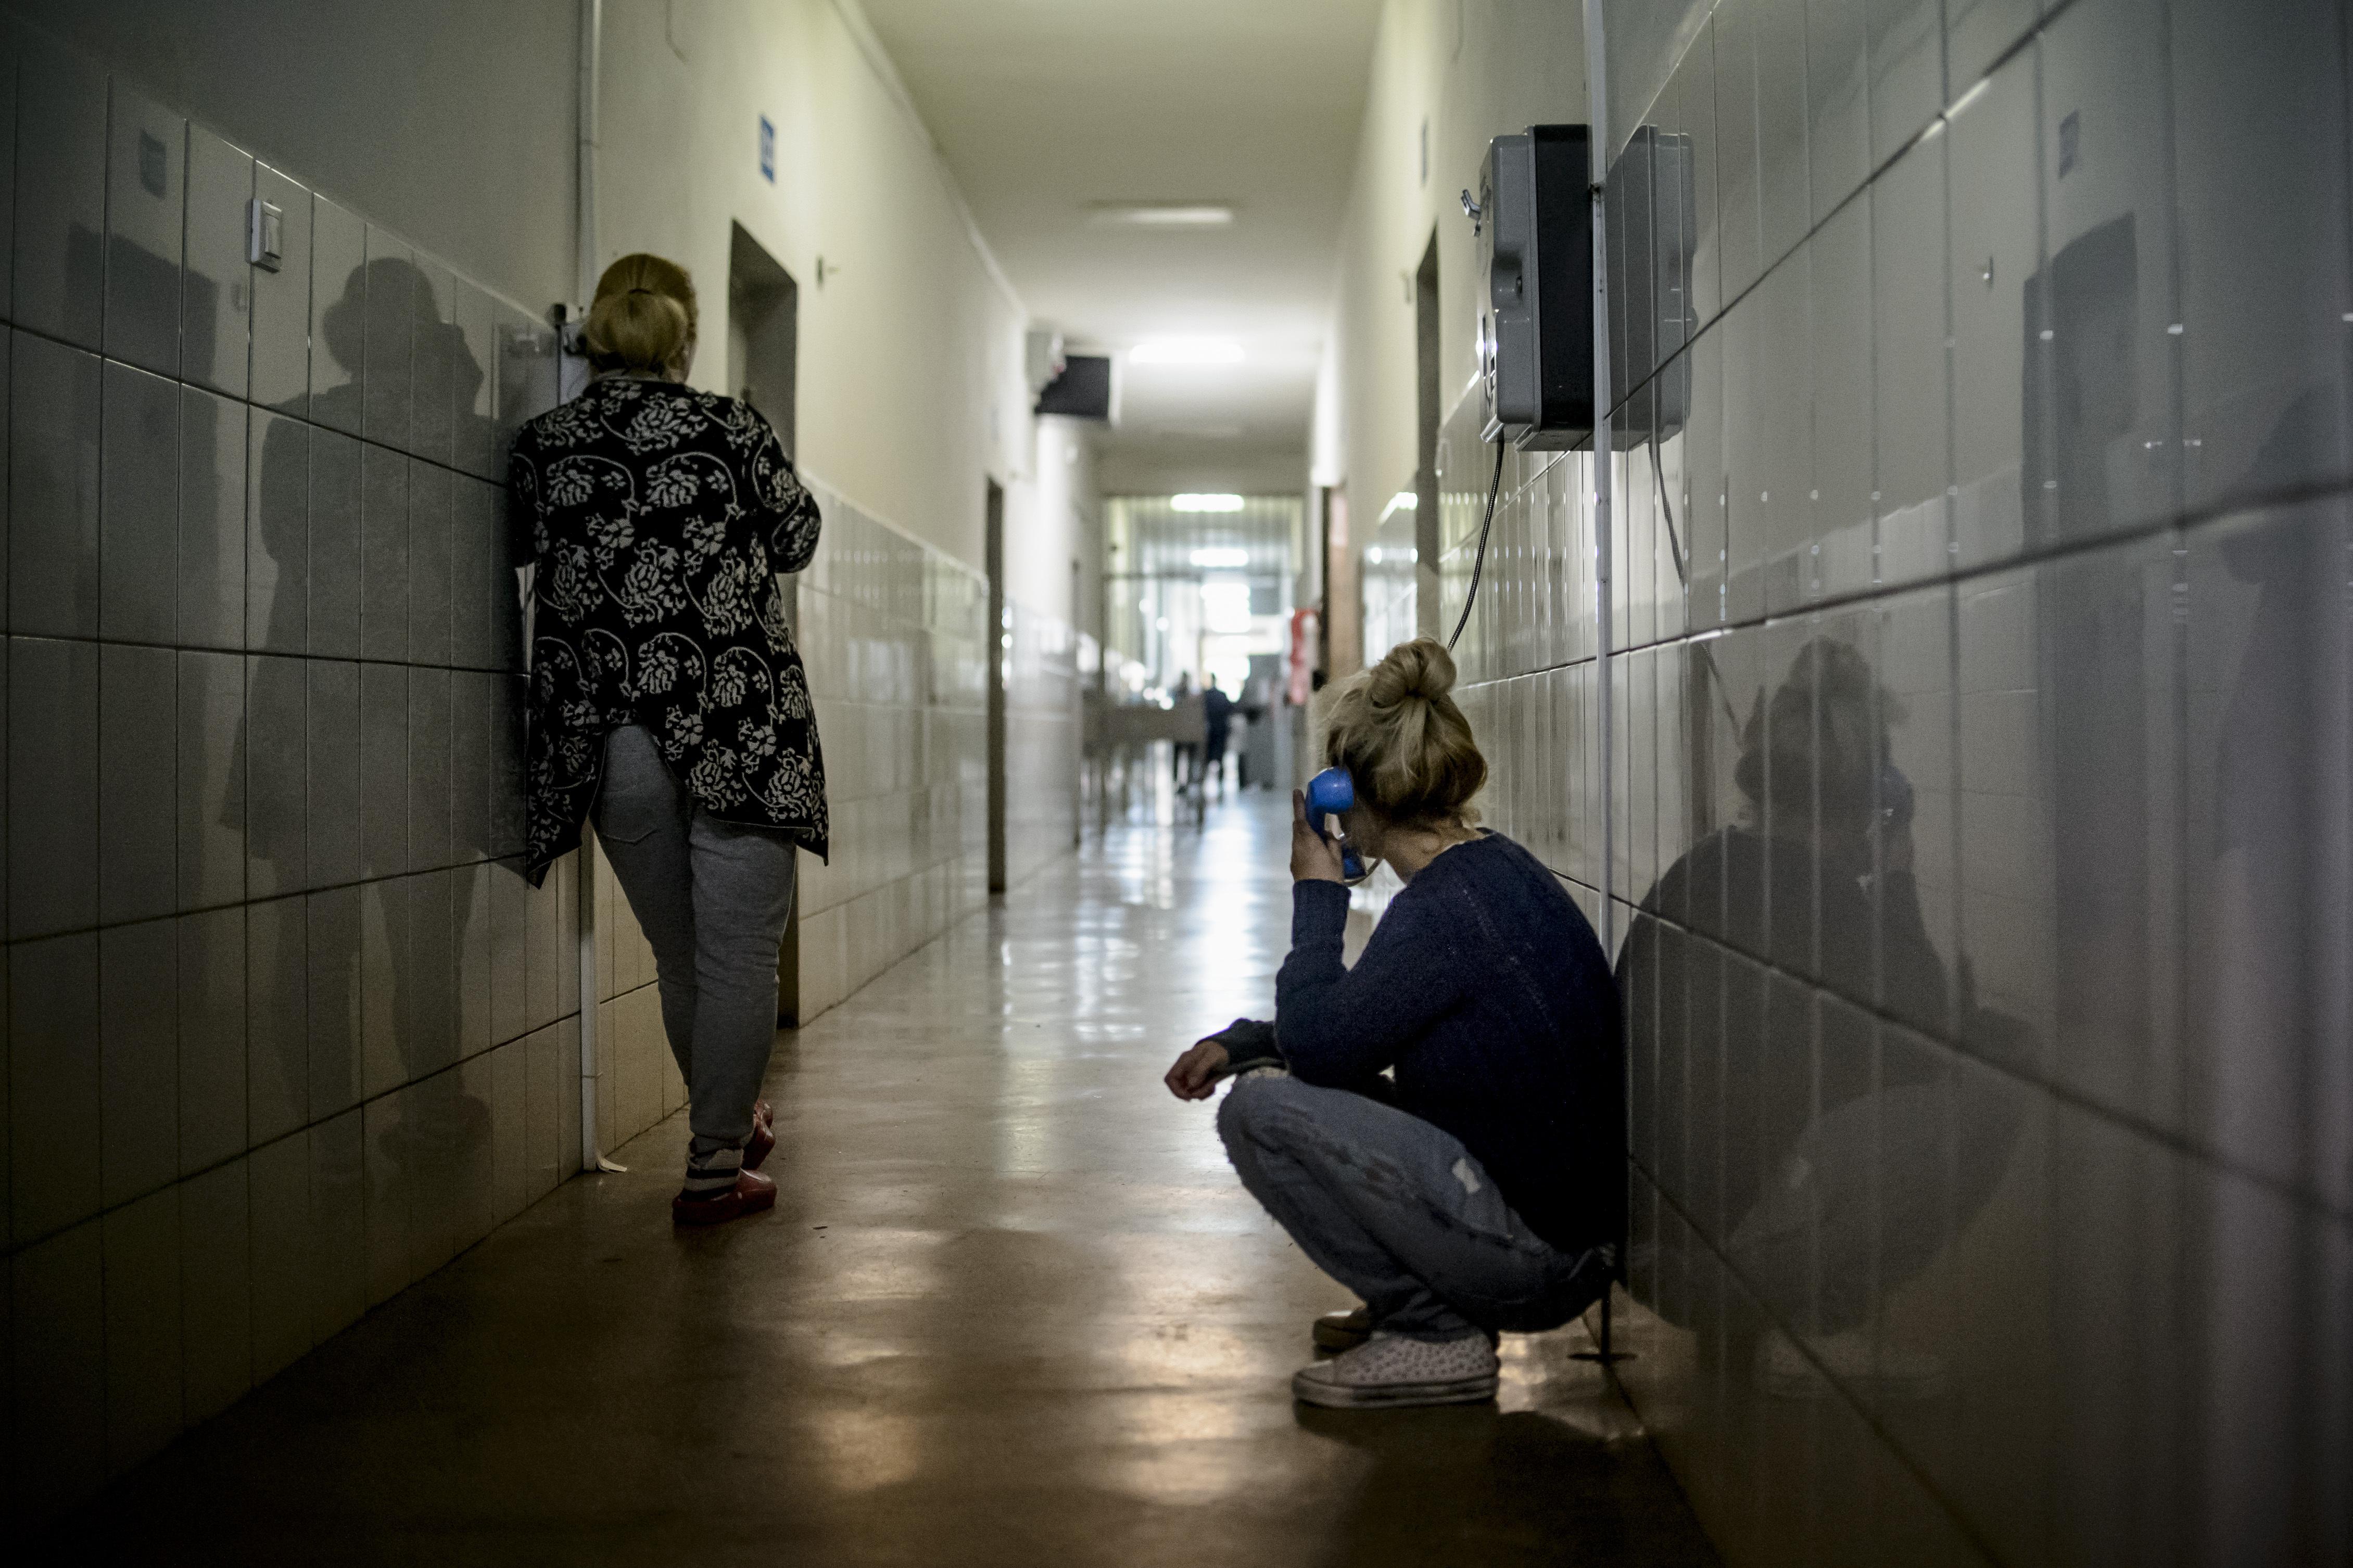 Cinci deţinute de la singura închisoare de femei din ţară, puse în libertate